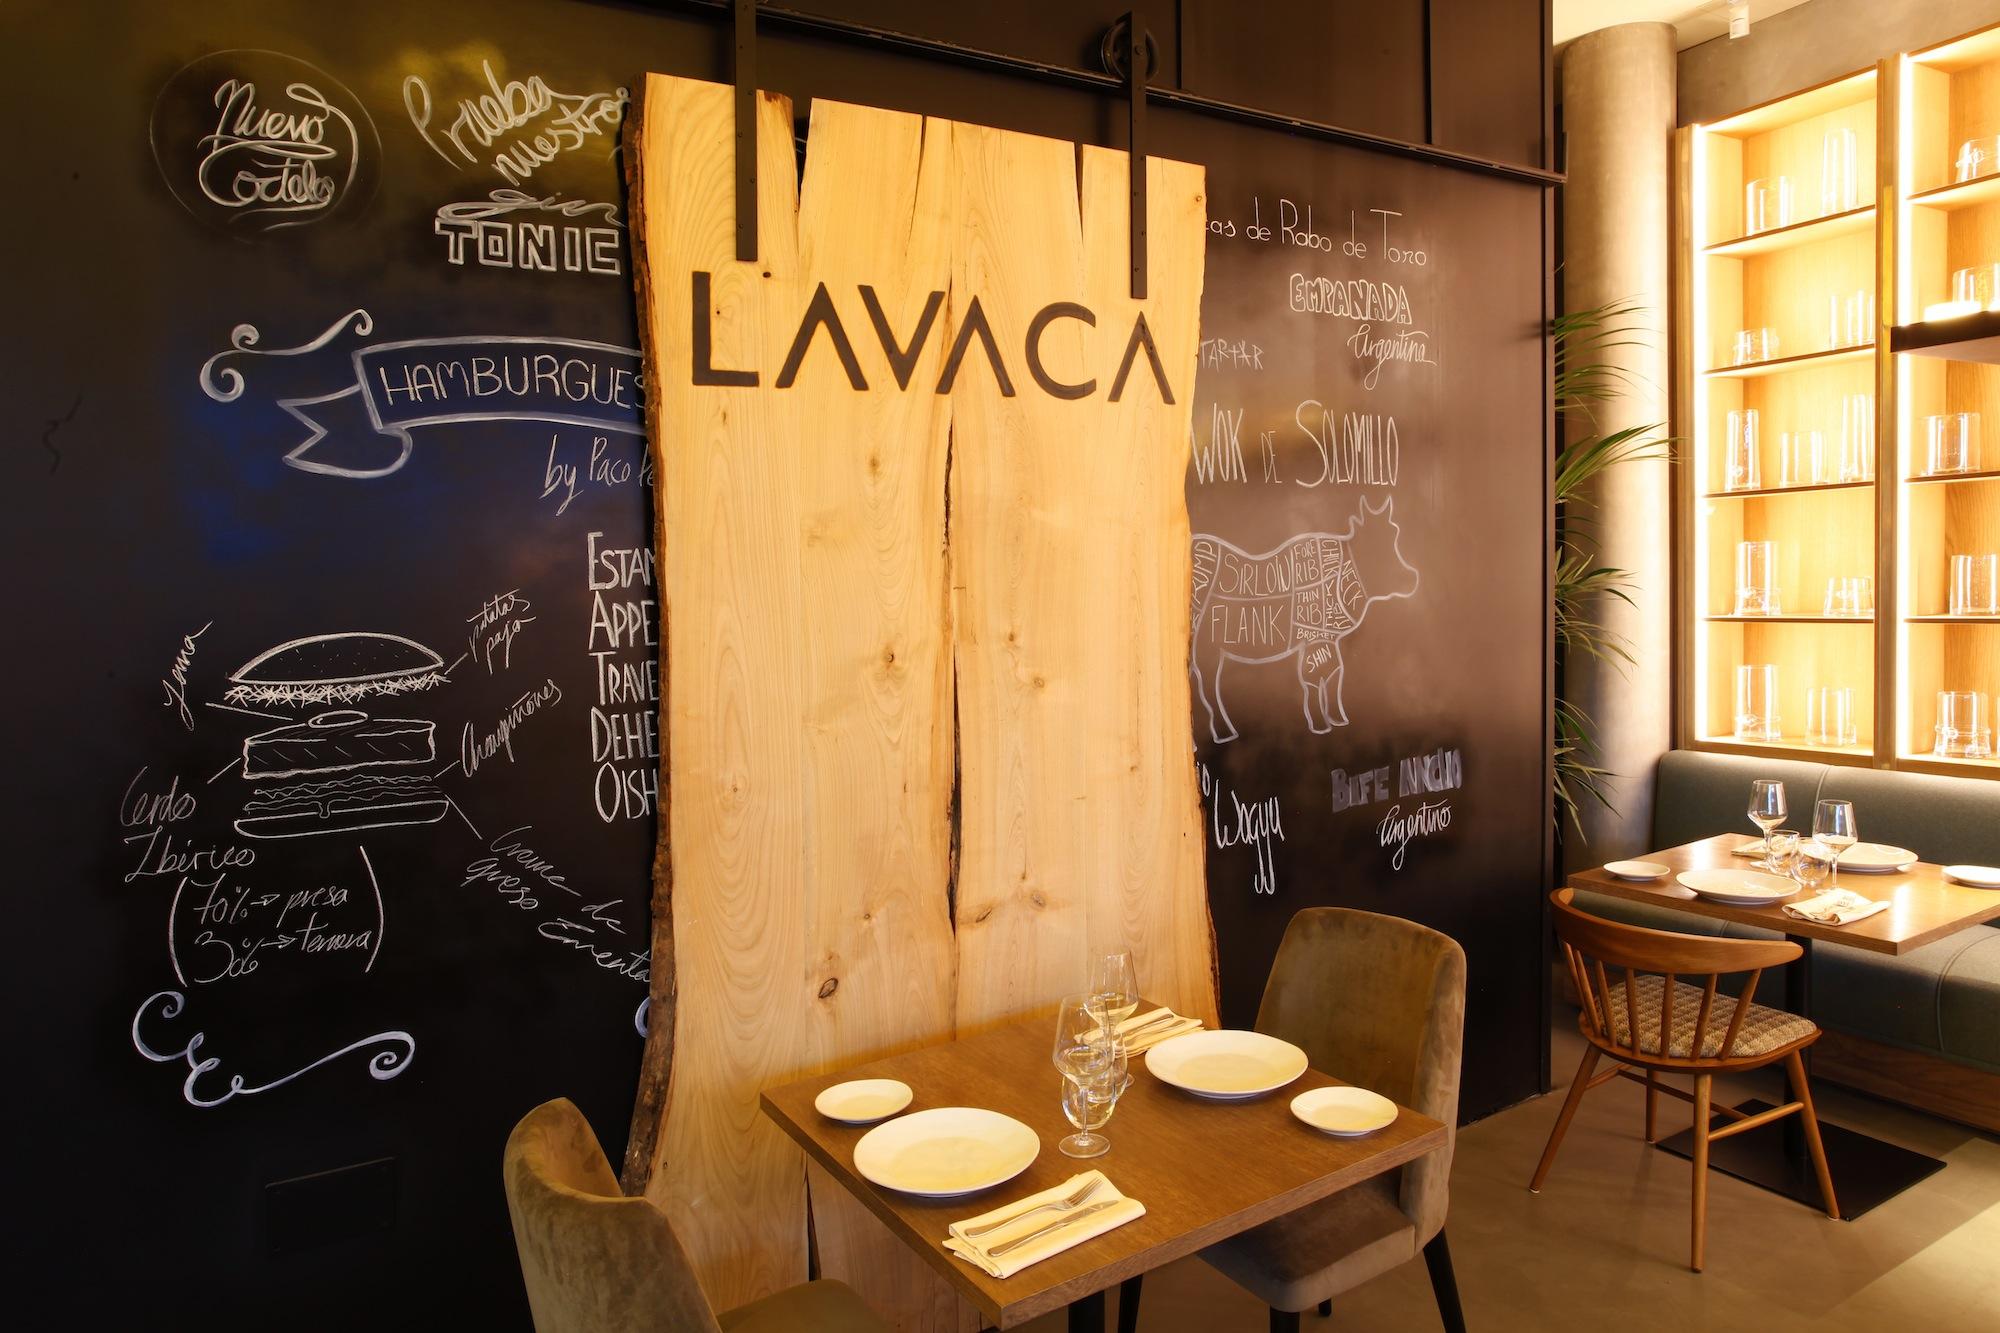 Cousi interiorismo reforma lavaca creando un restaurante for Interiorismo restaurantes